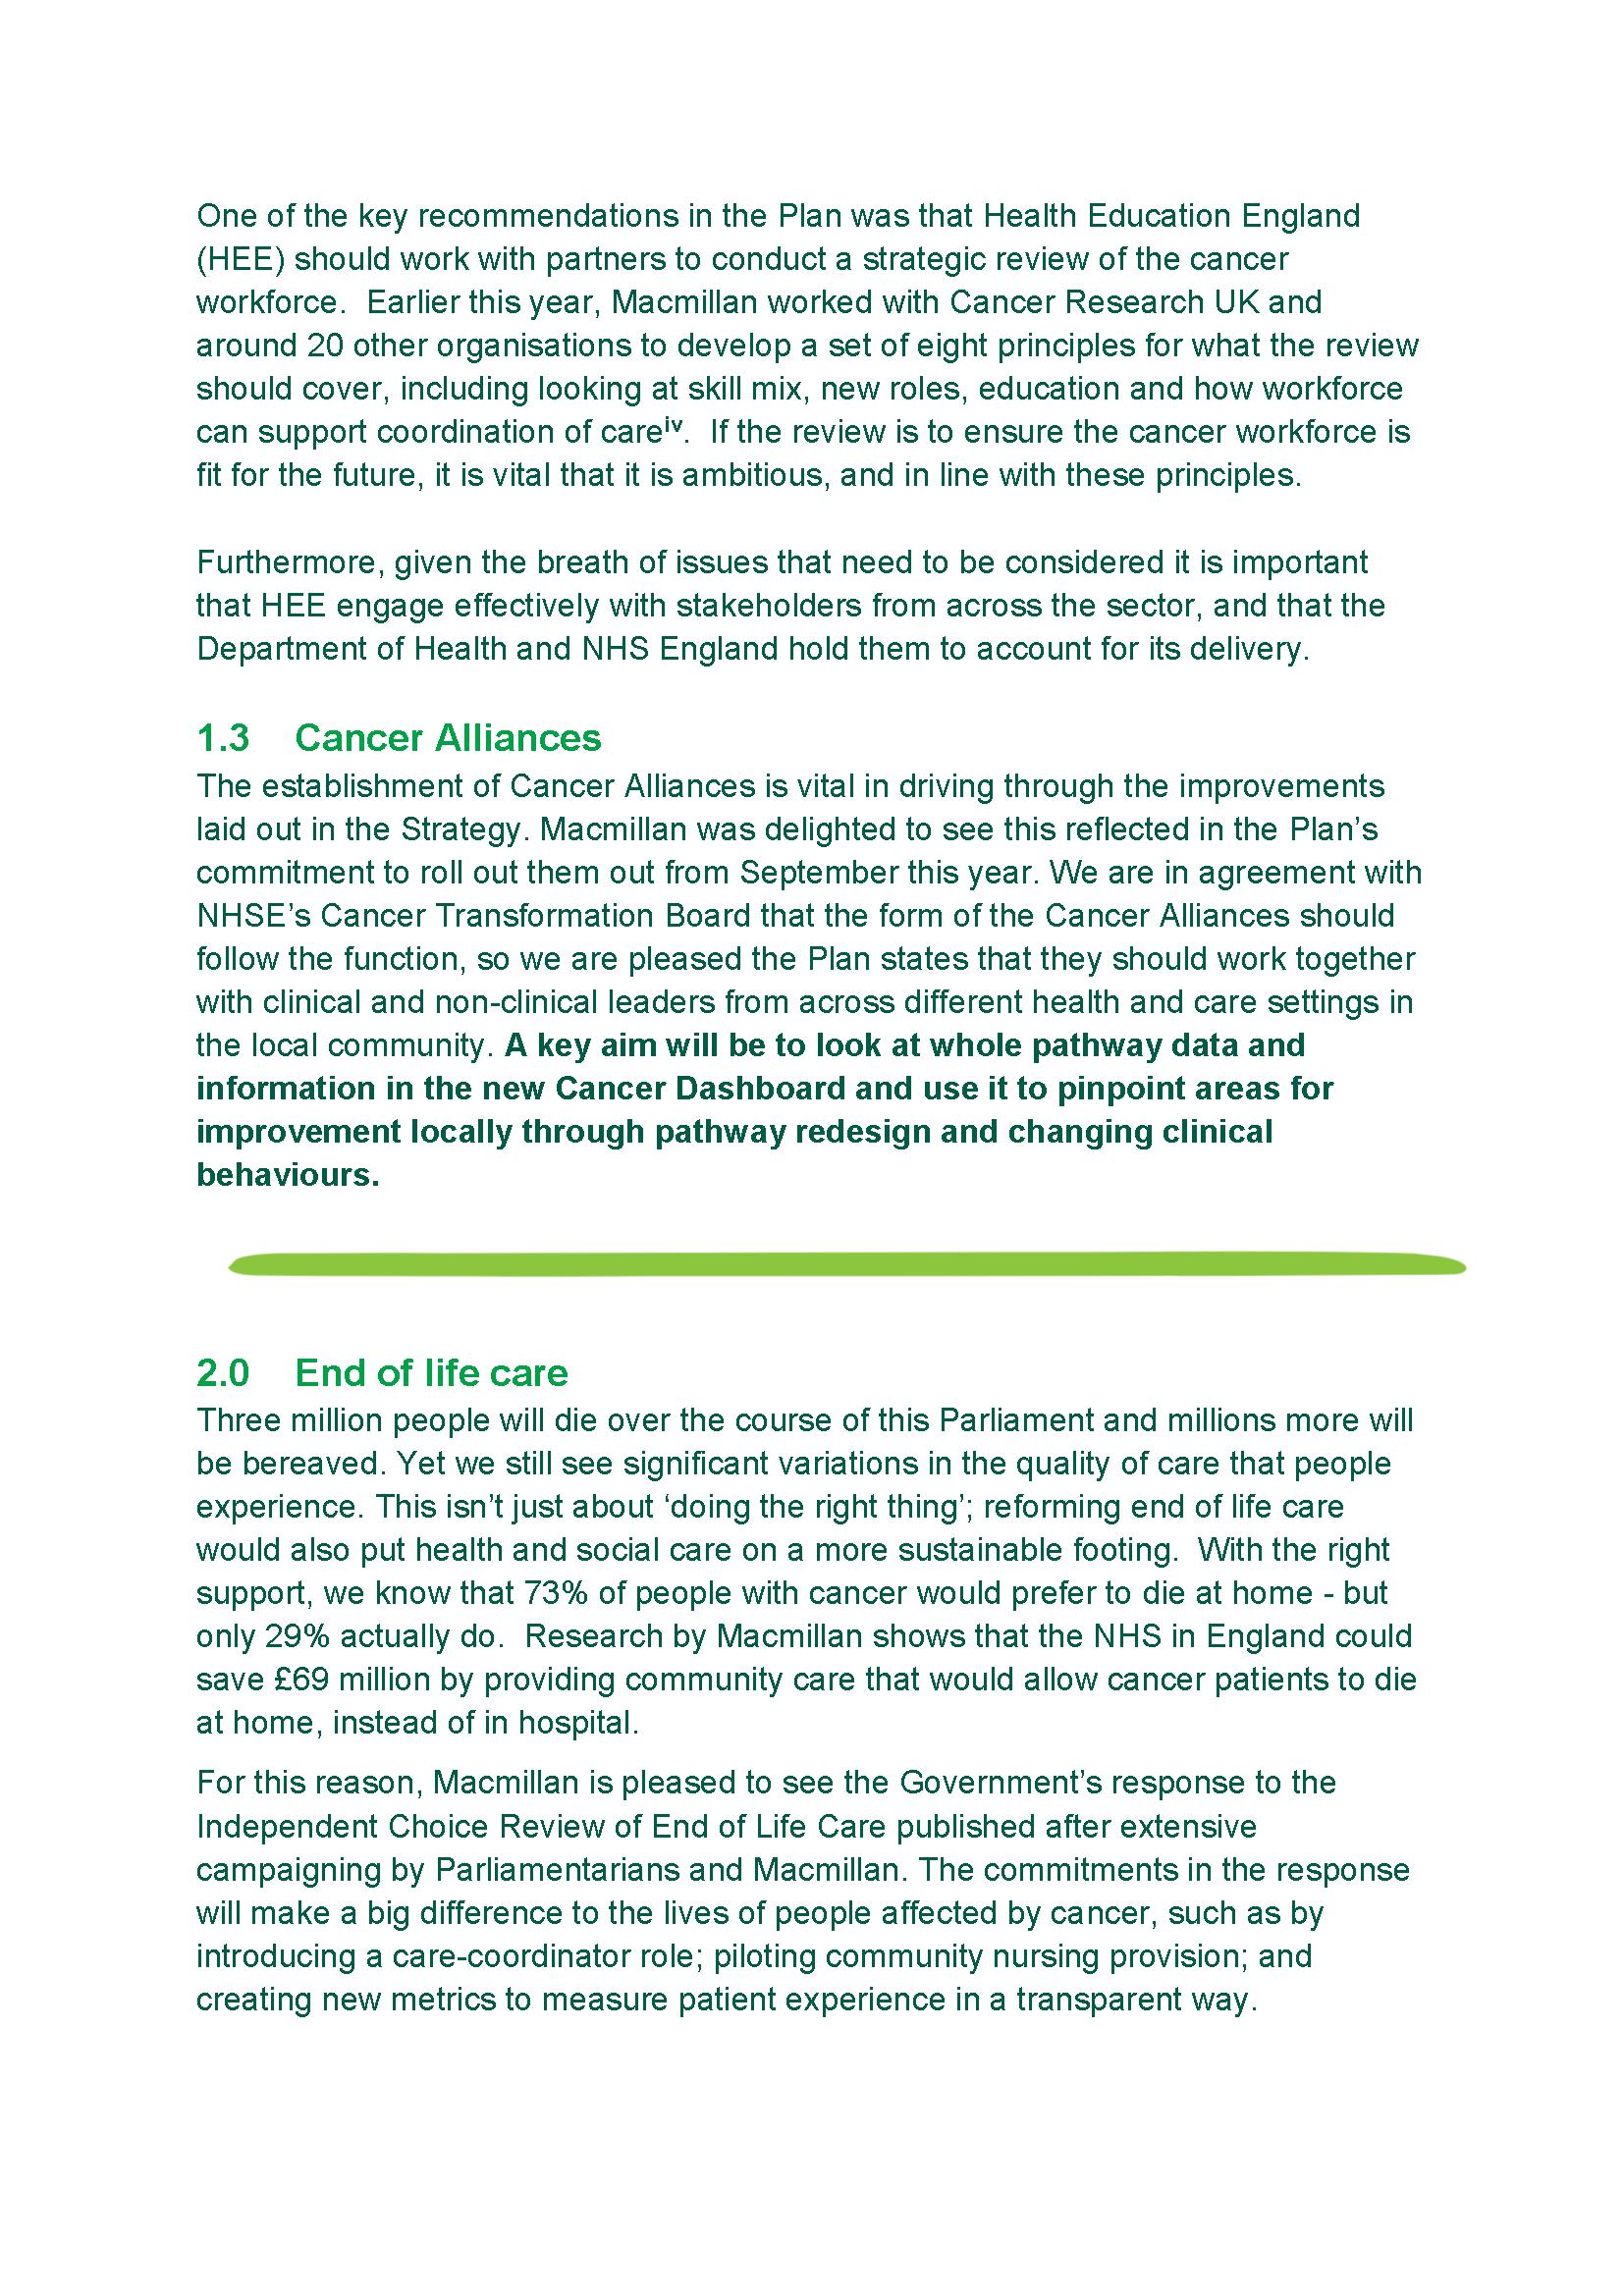 macmillan-briefing-october-2016_page_3